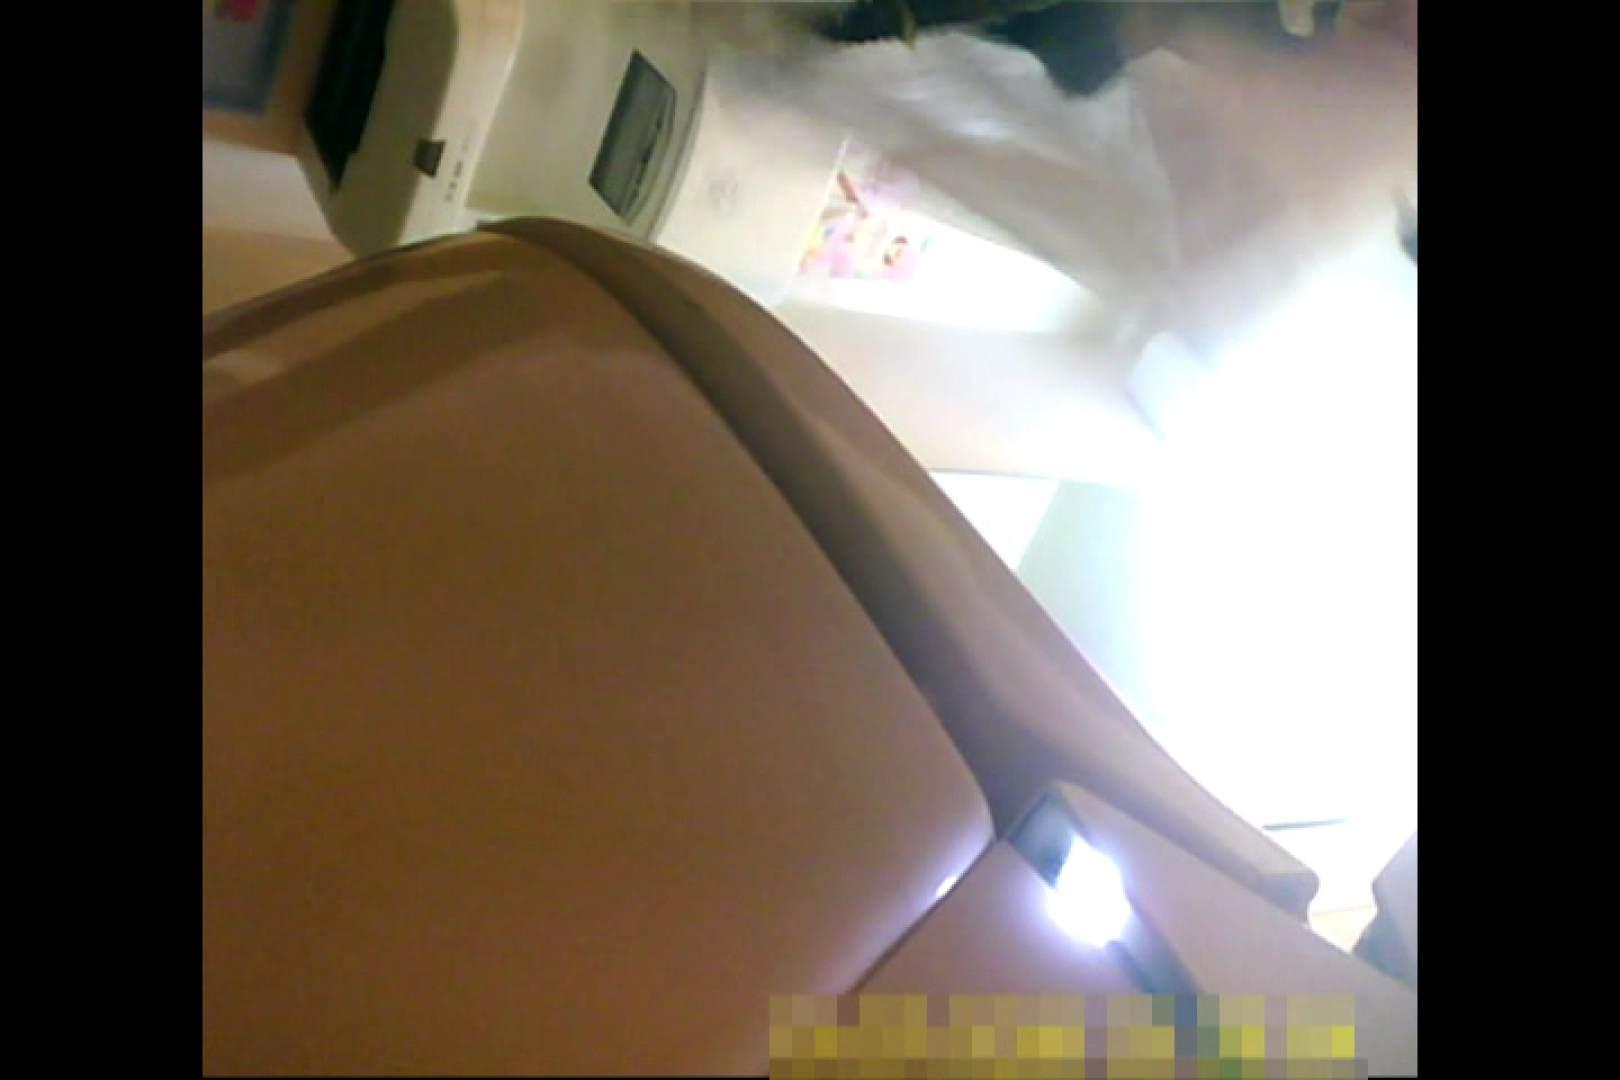 超高画質5000K!脅威の2点かわや! vol.57 女体盗撮 盗撮戯れ無修正画像 101連発 44